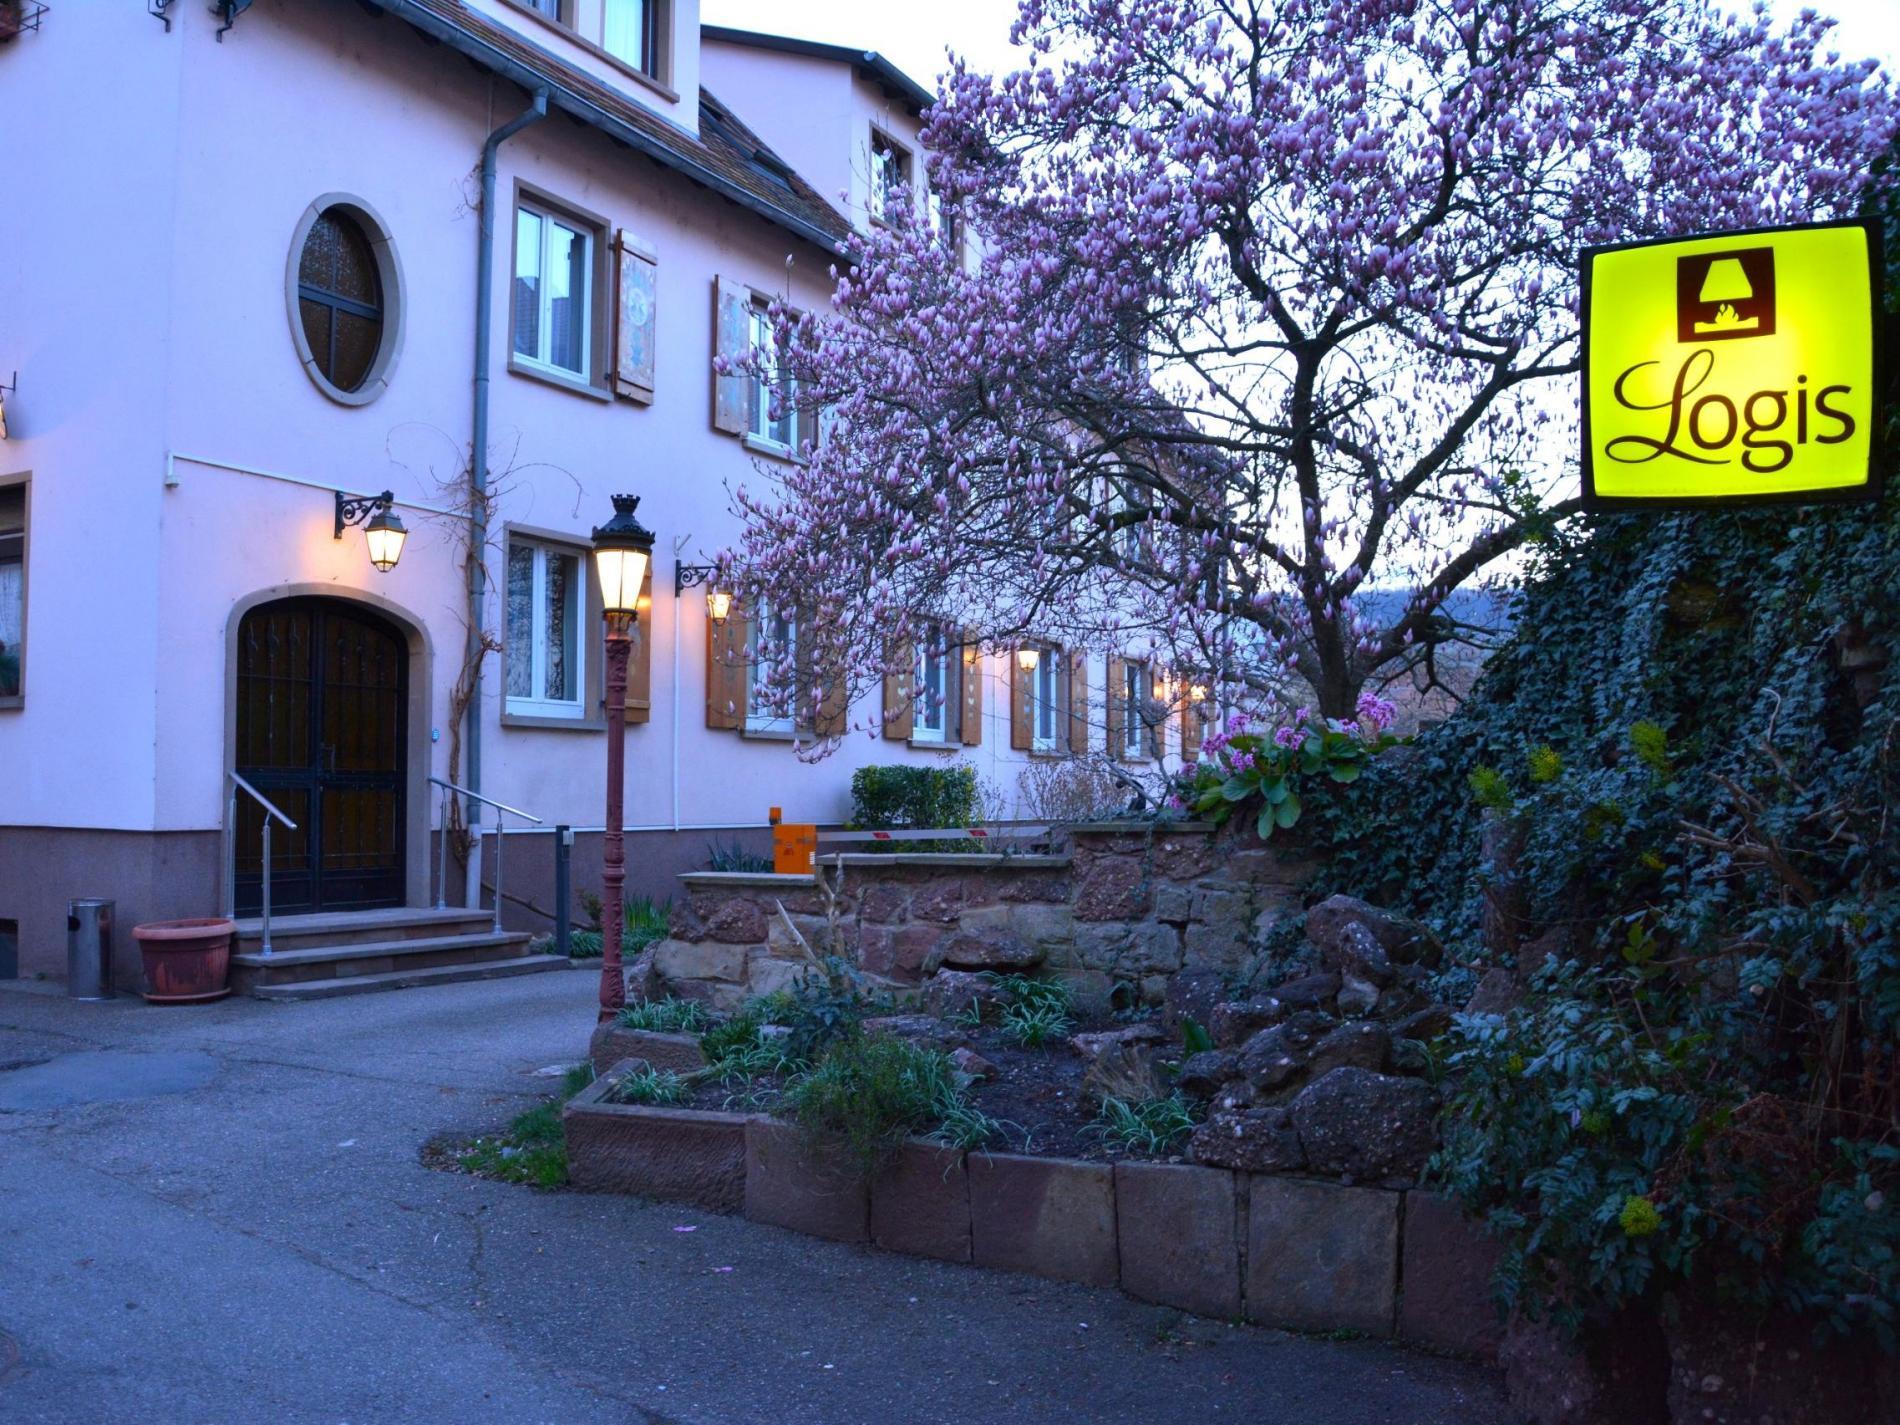 Hôtel du Centre, Logis Cosy à Molsheim<br> Parking privé sécurisé et garage à vélos fermé